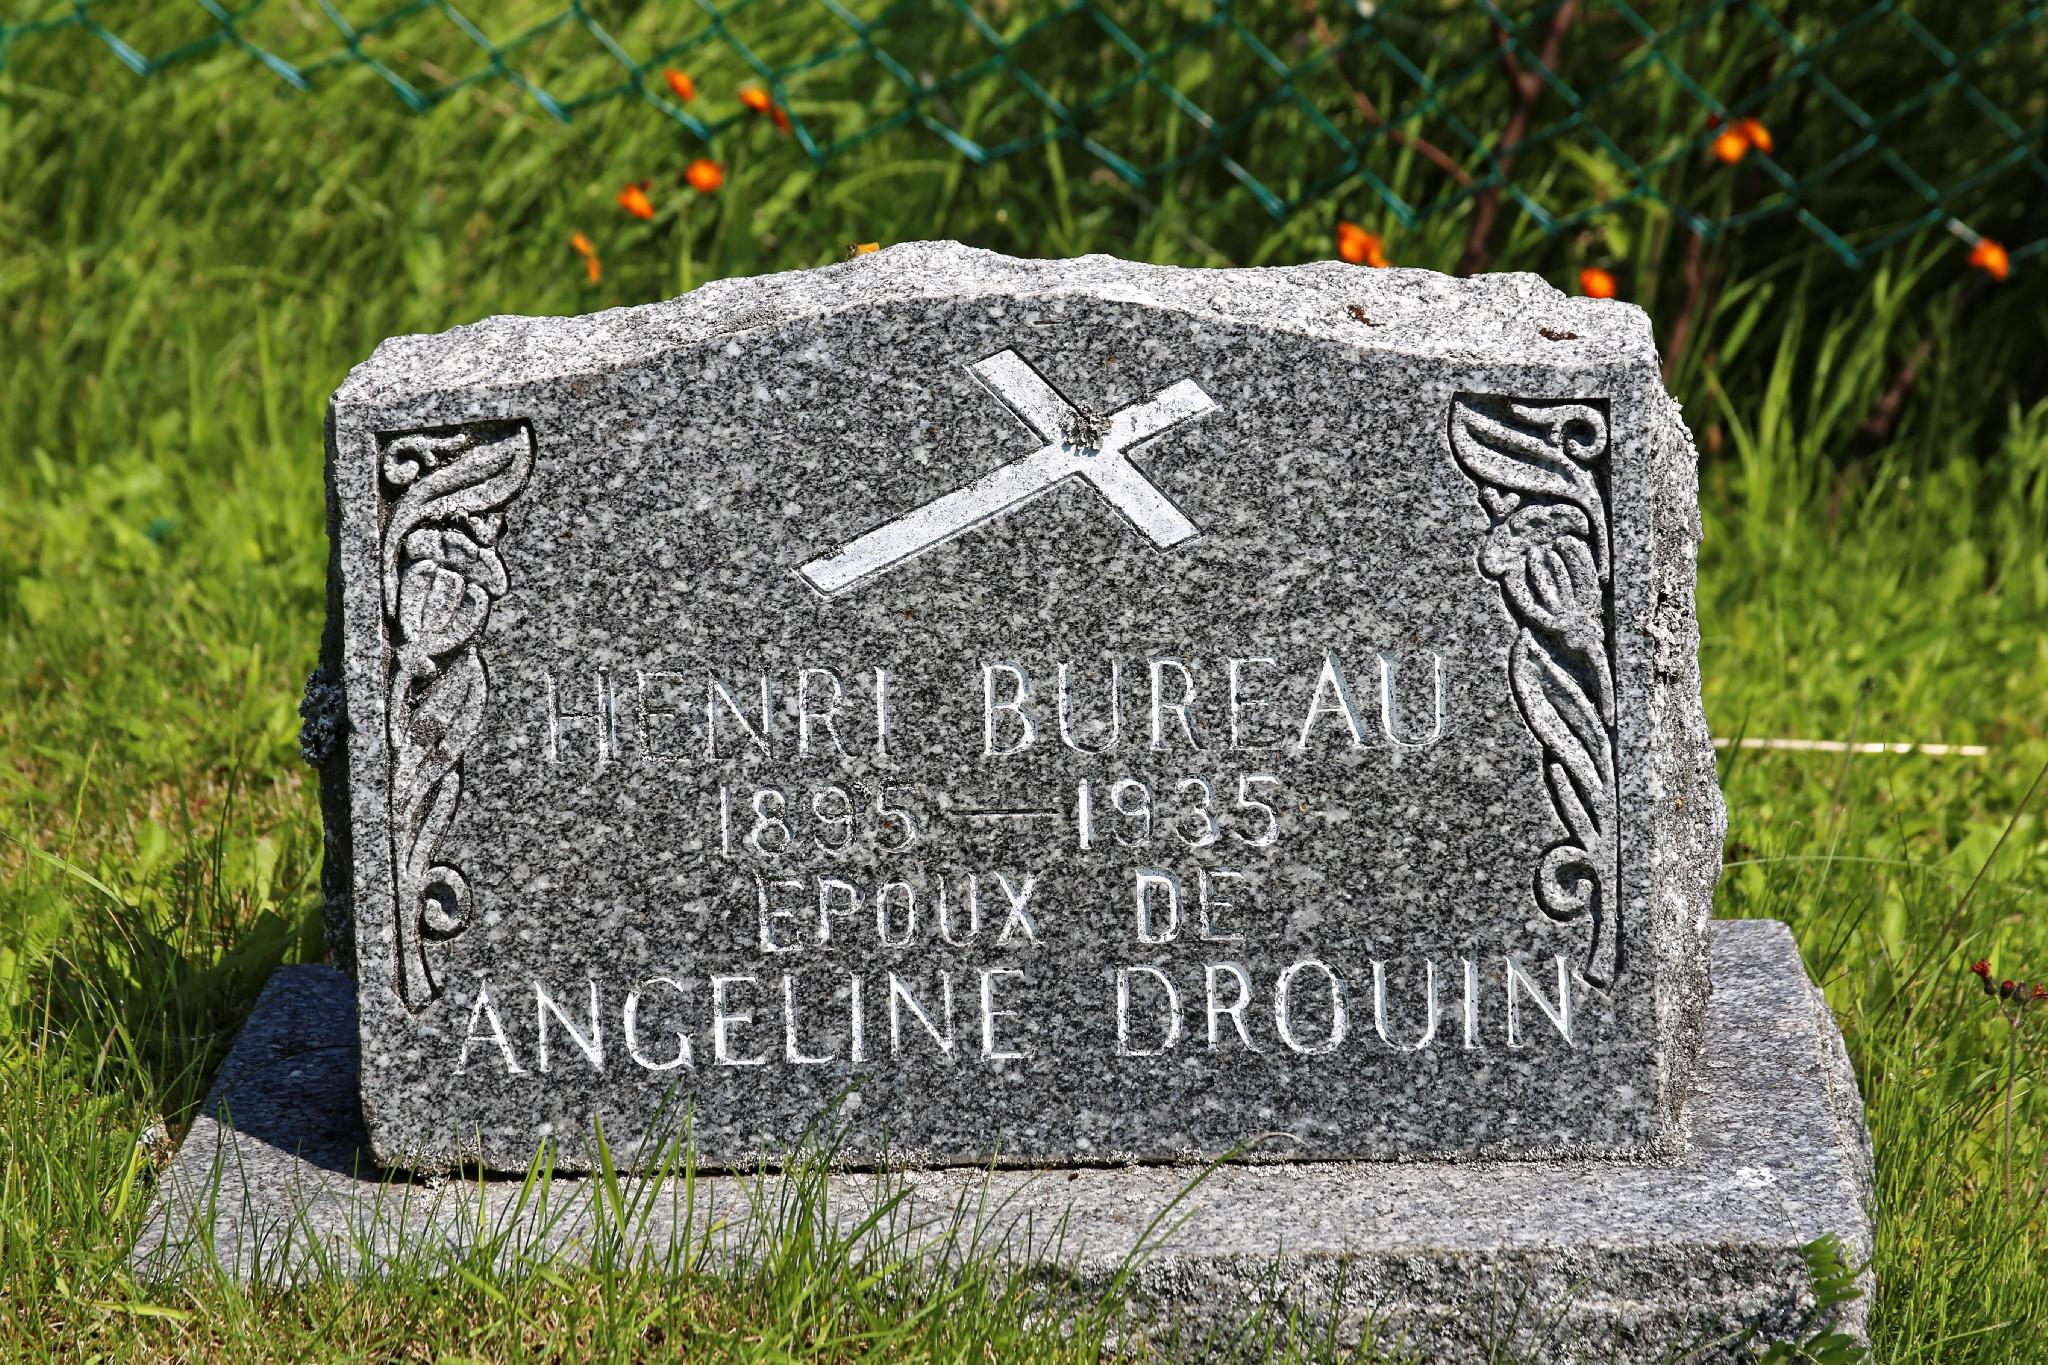 Henri Bureau